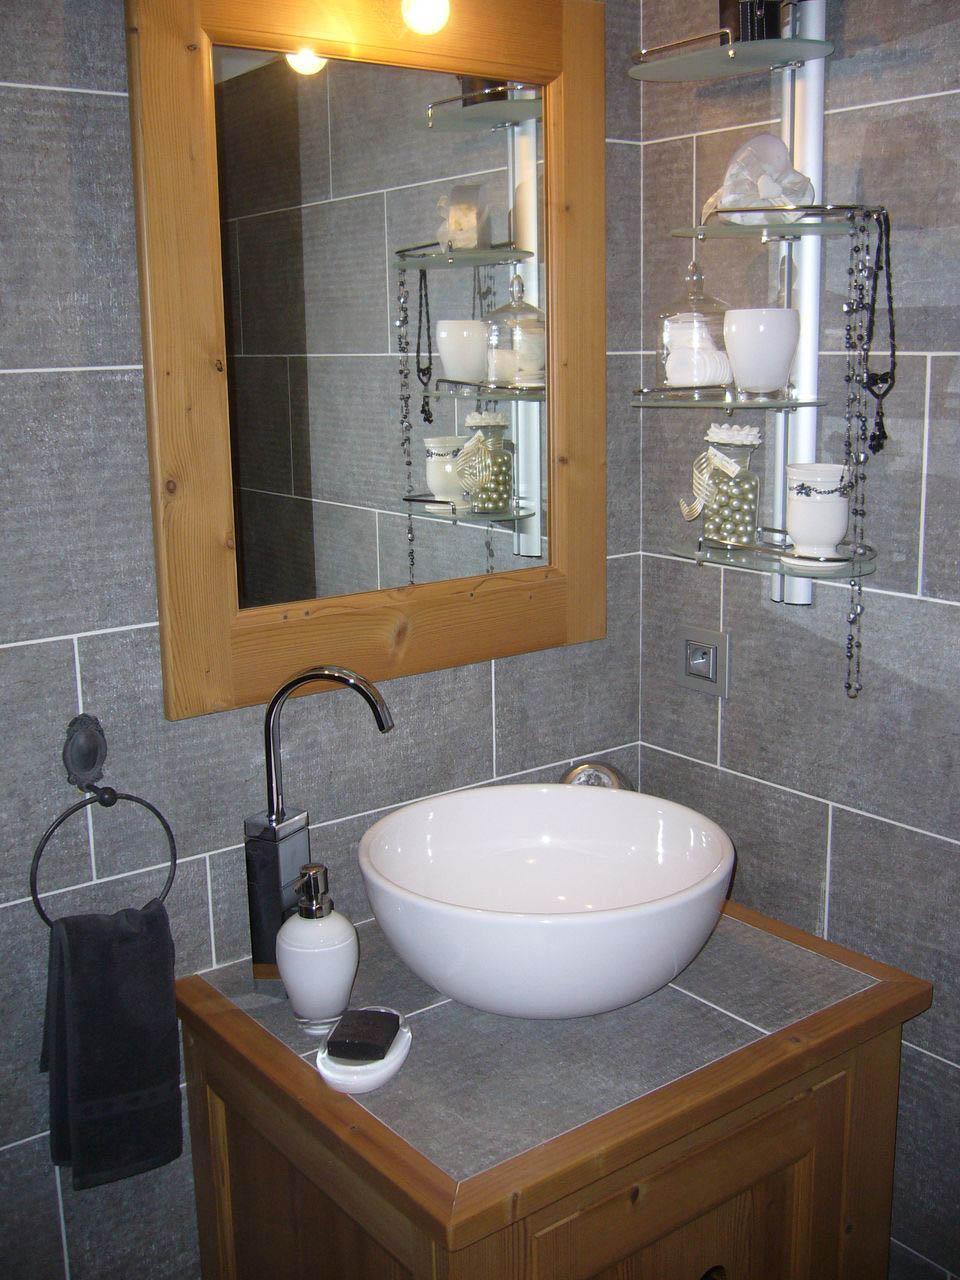 Vasques - Energie renouvelables - Cluses Thyez Marignier Bonneville Scionzier Marnaz Vougy Haute-Savoie